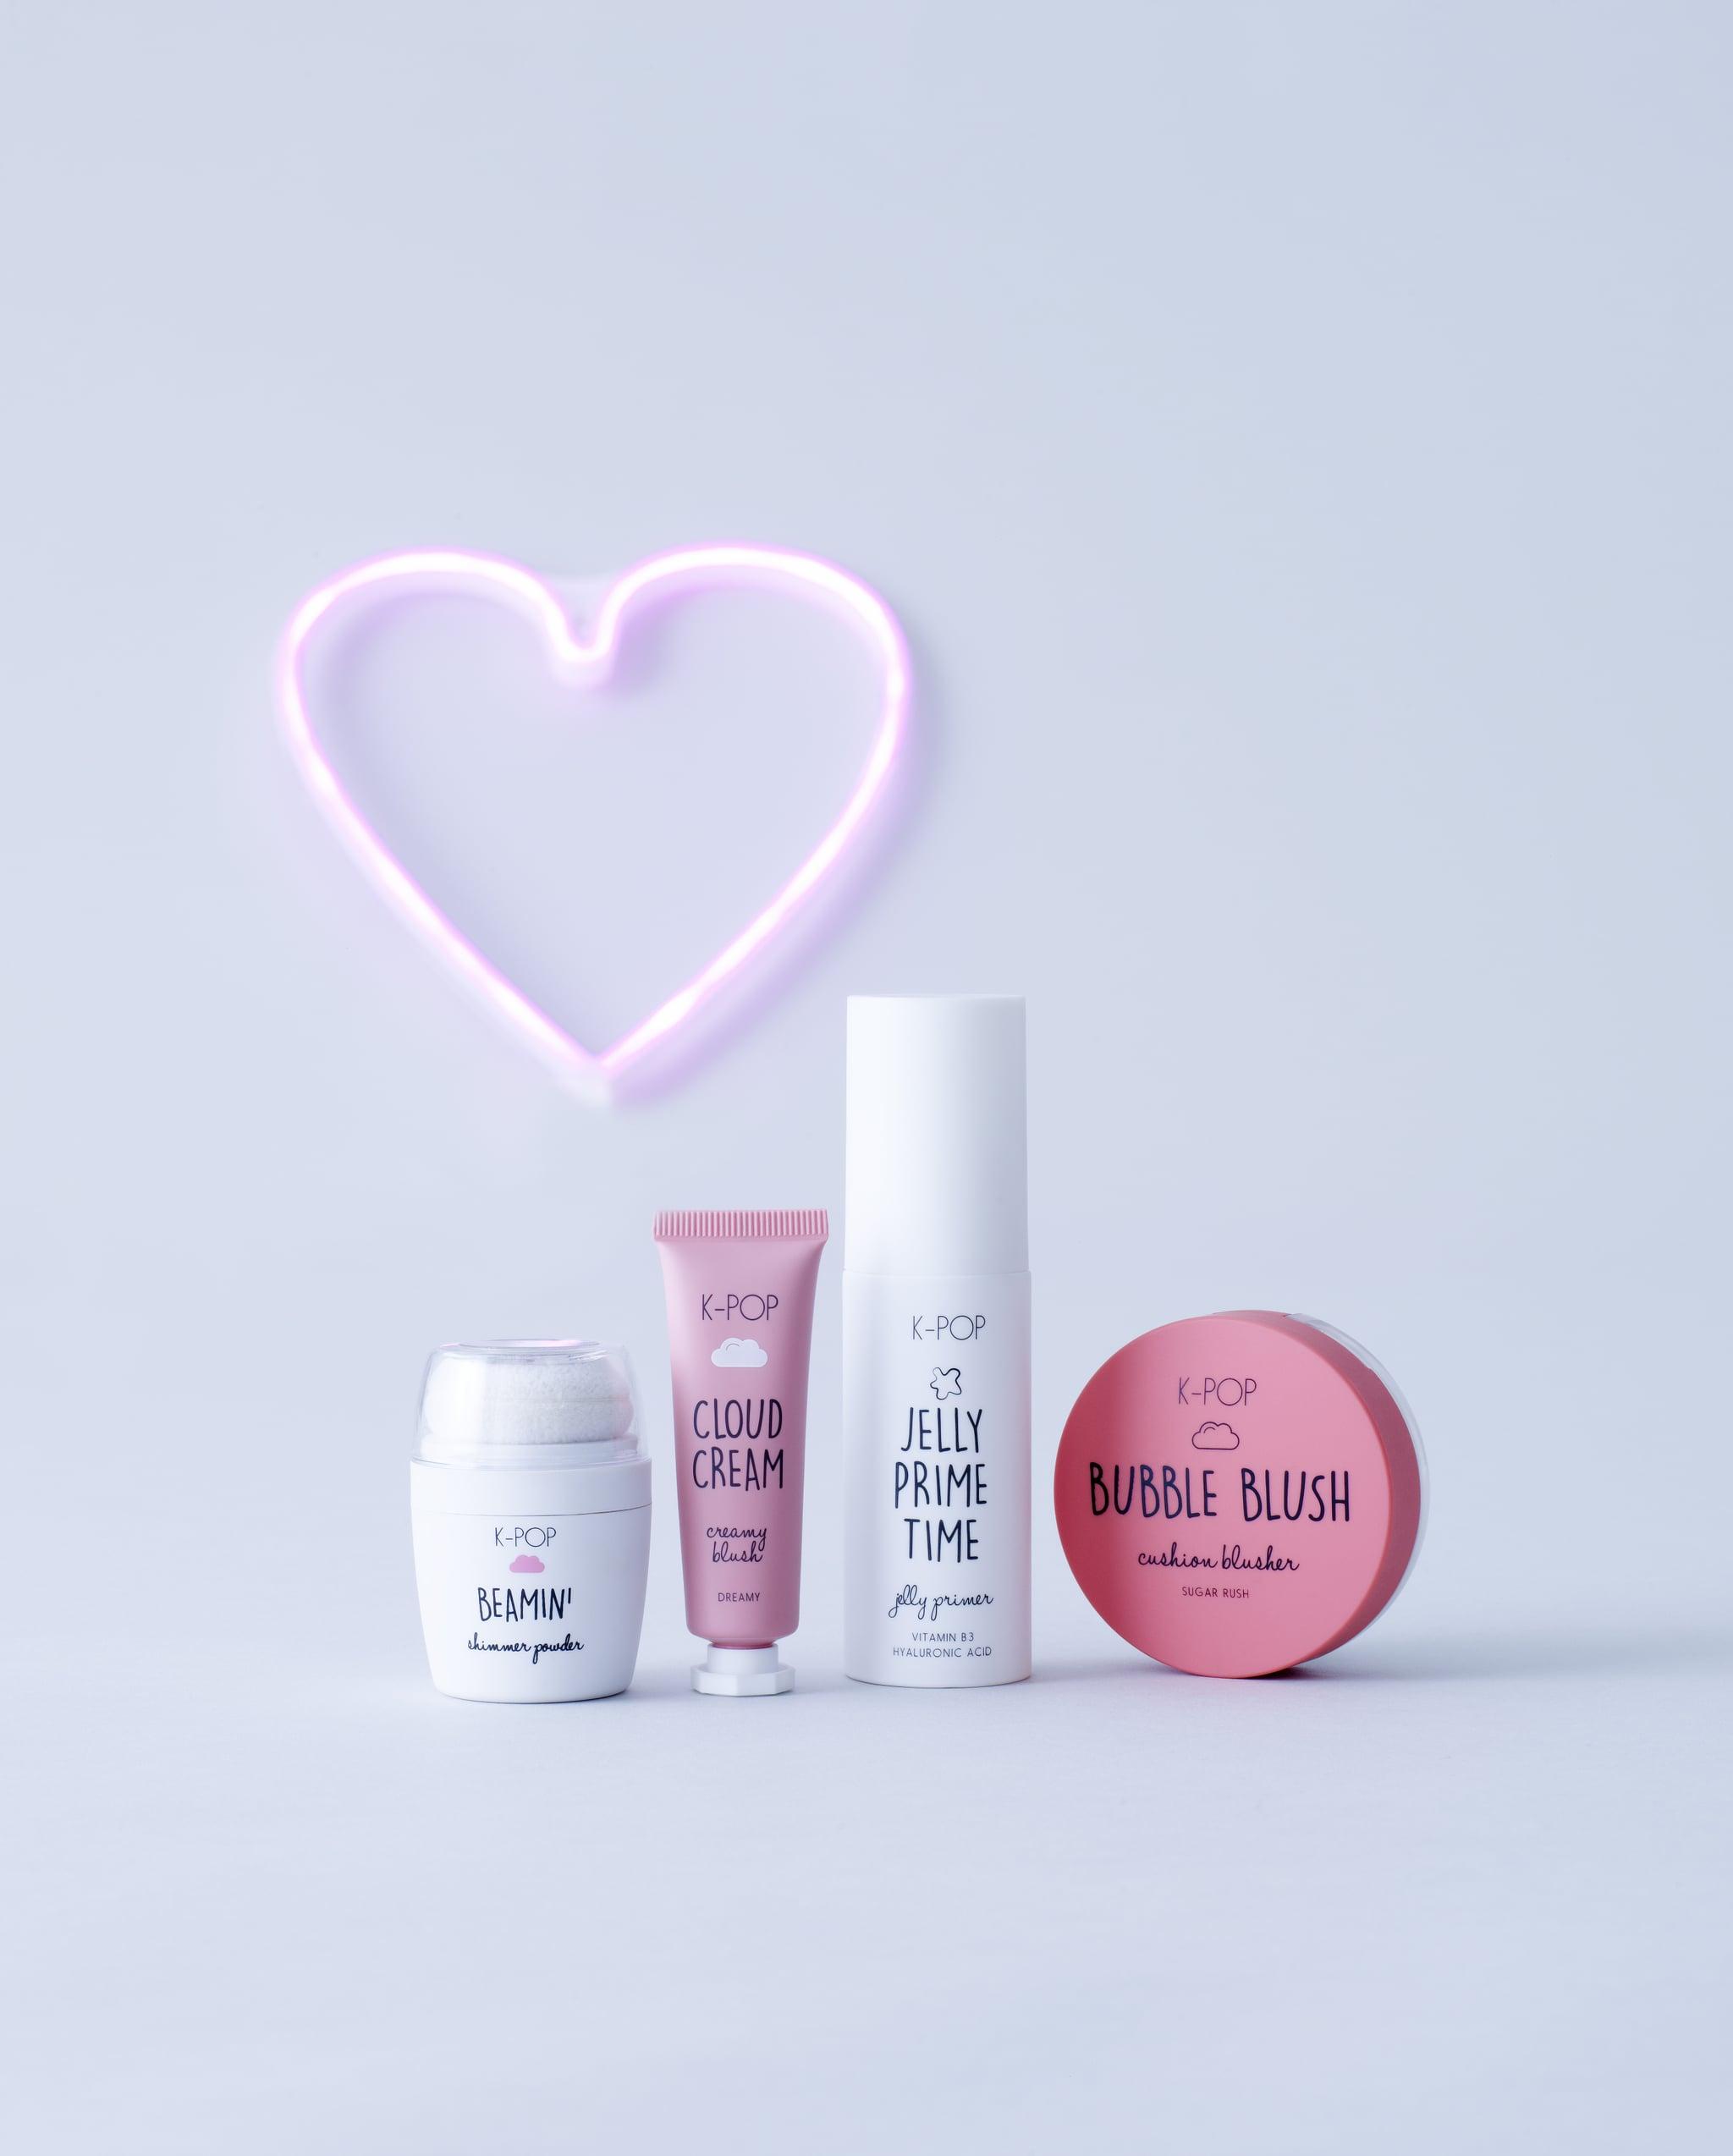 Beauty Products Primark: Primark Cloud Cream